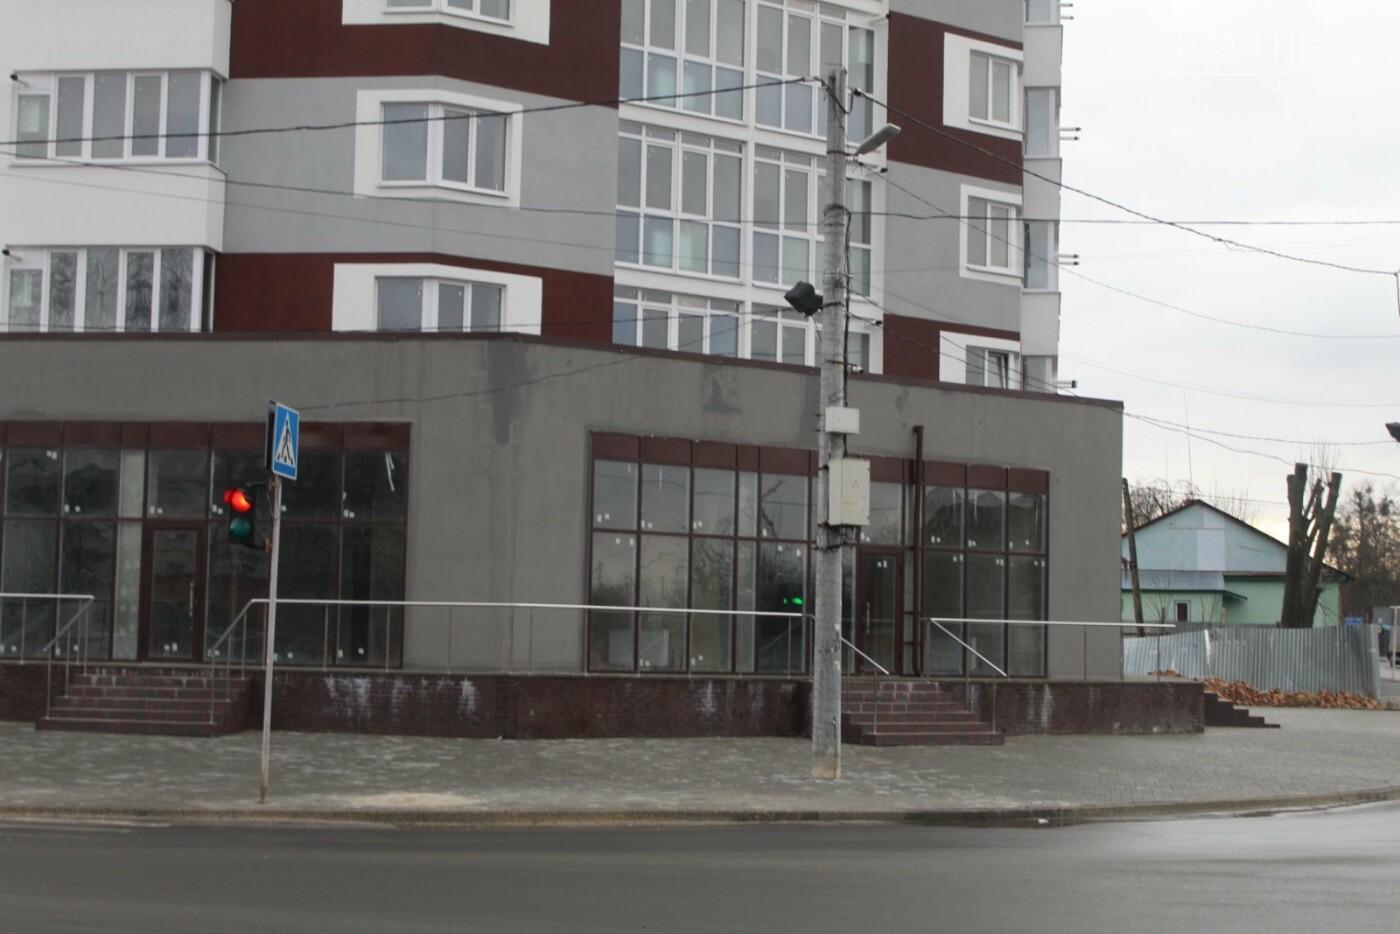 Як виглядають новобудови Новограда-Волинського (ФОТОРЕПОРТАЖ), фото-11